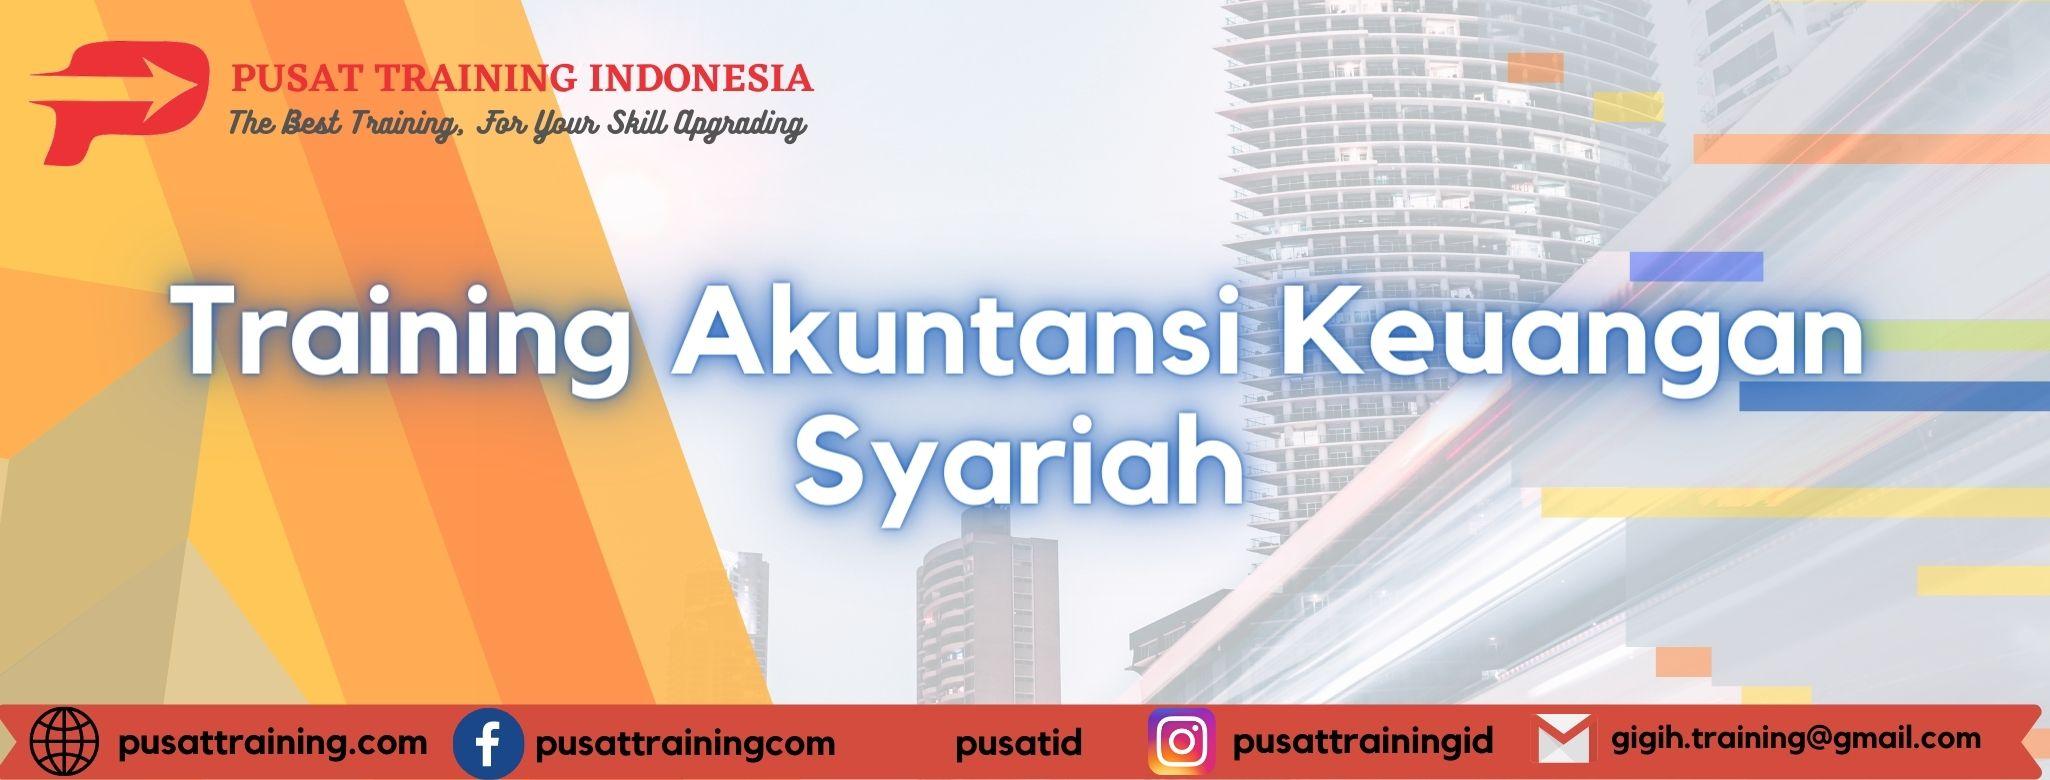 Training-Akuntansi-Keuangan-Syariah